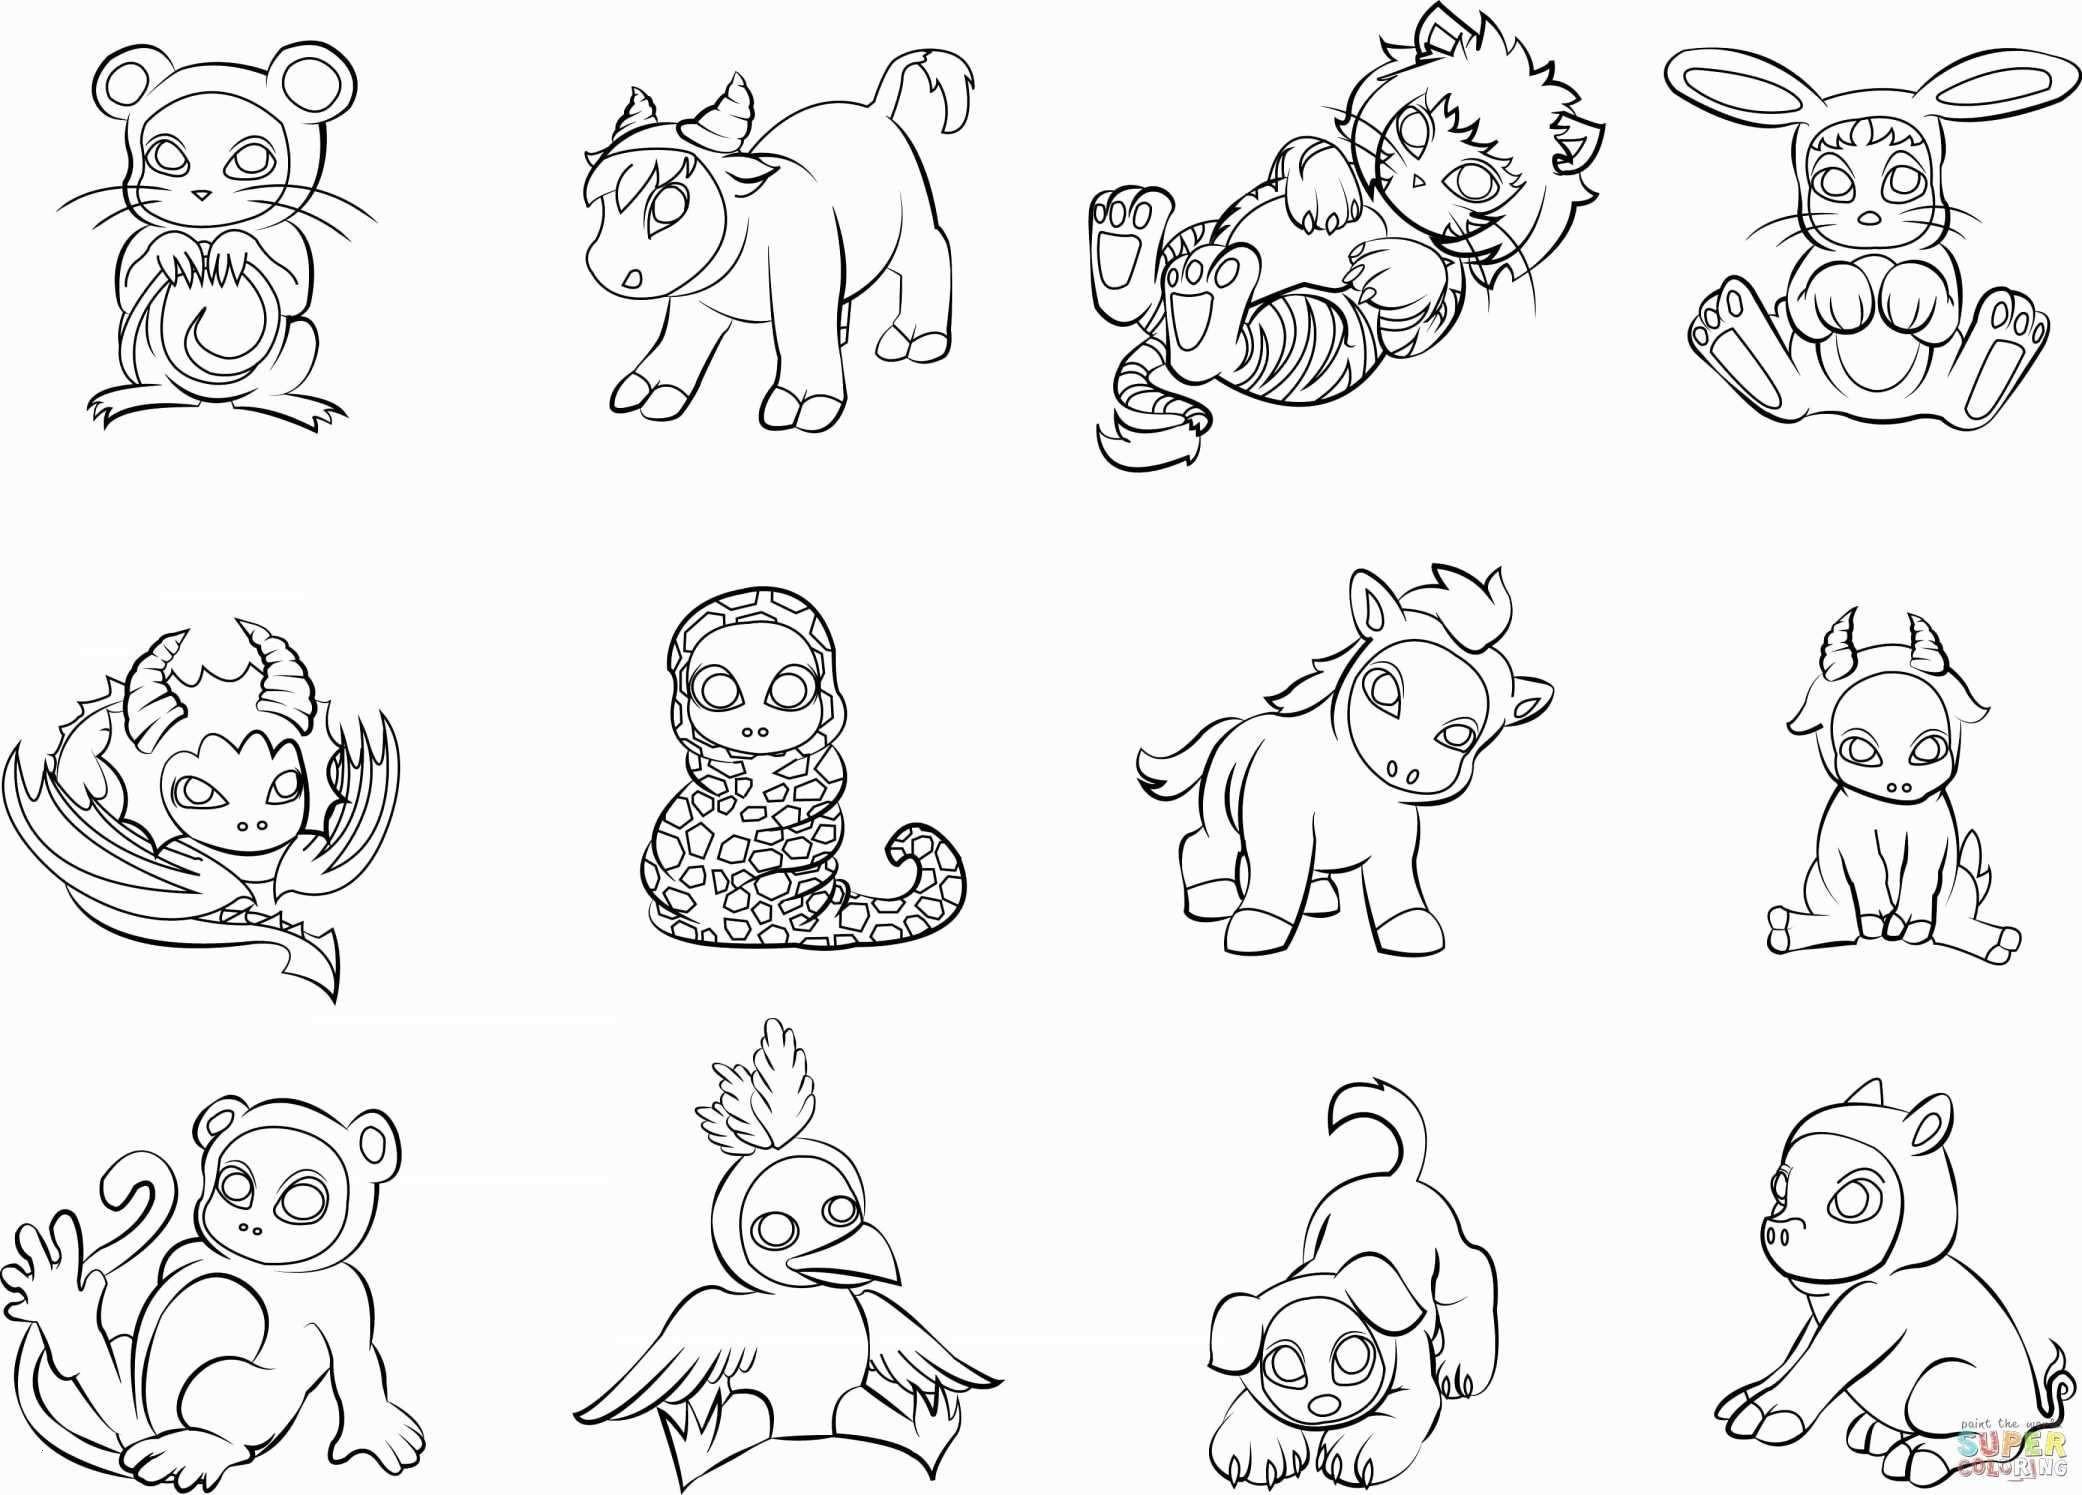 Winnie Pooh Baby Malvorlagen Das Beste Von 45 Frisch Ausmalbilder Winnie Puuh Mickeycarrollmunchkin Bild